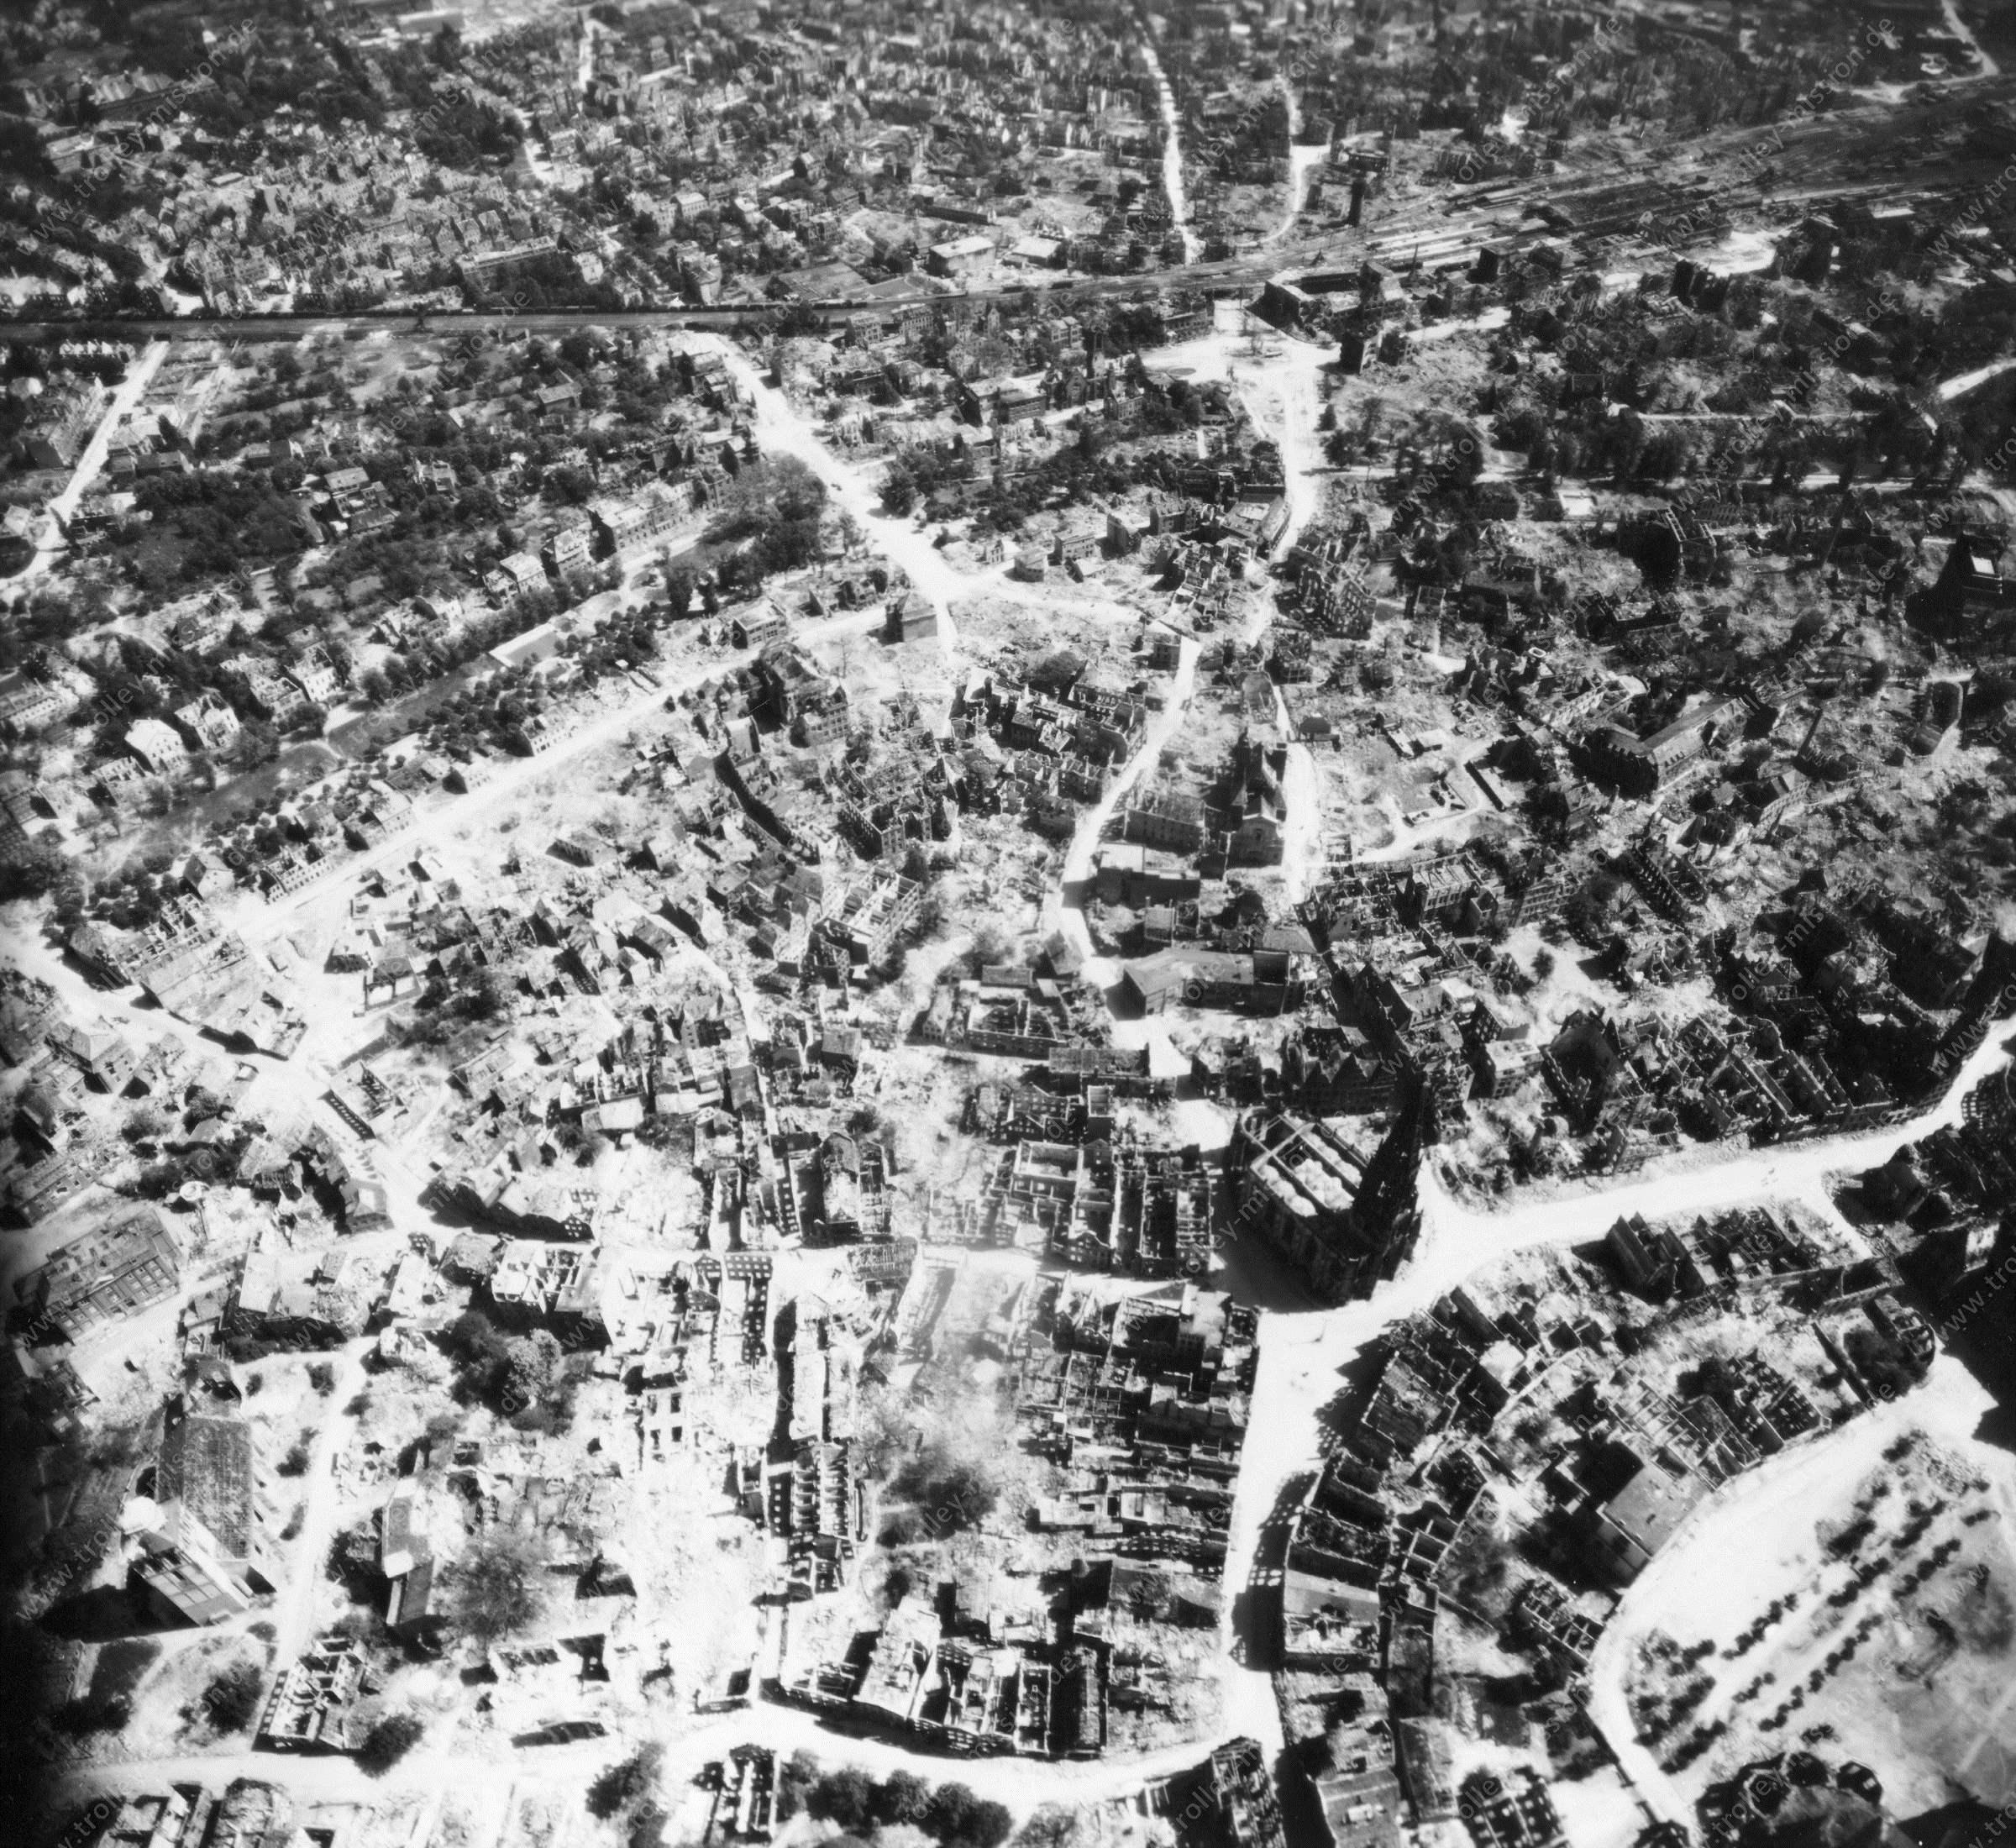 Luftbild von Münster am 12. Mai 1945 - Luftbildserie 8/11 der US Air Force